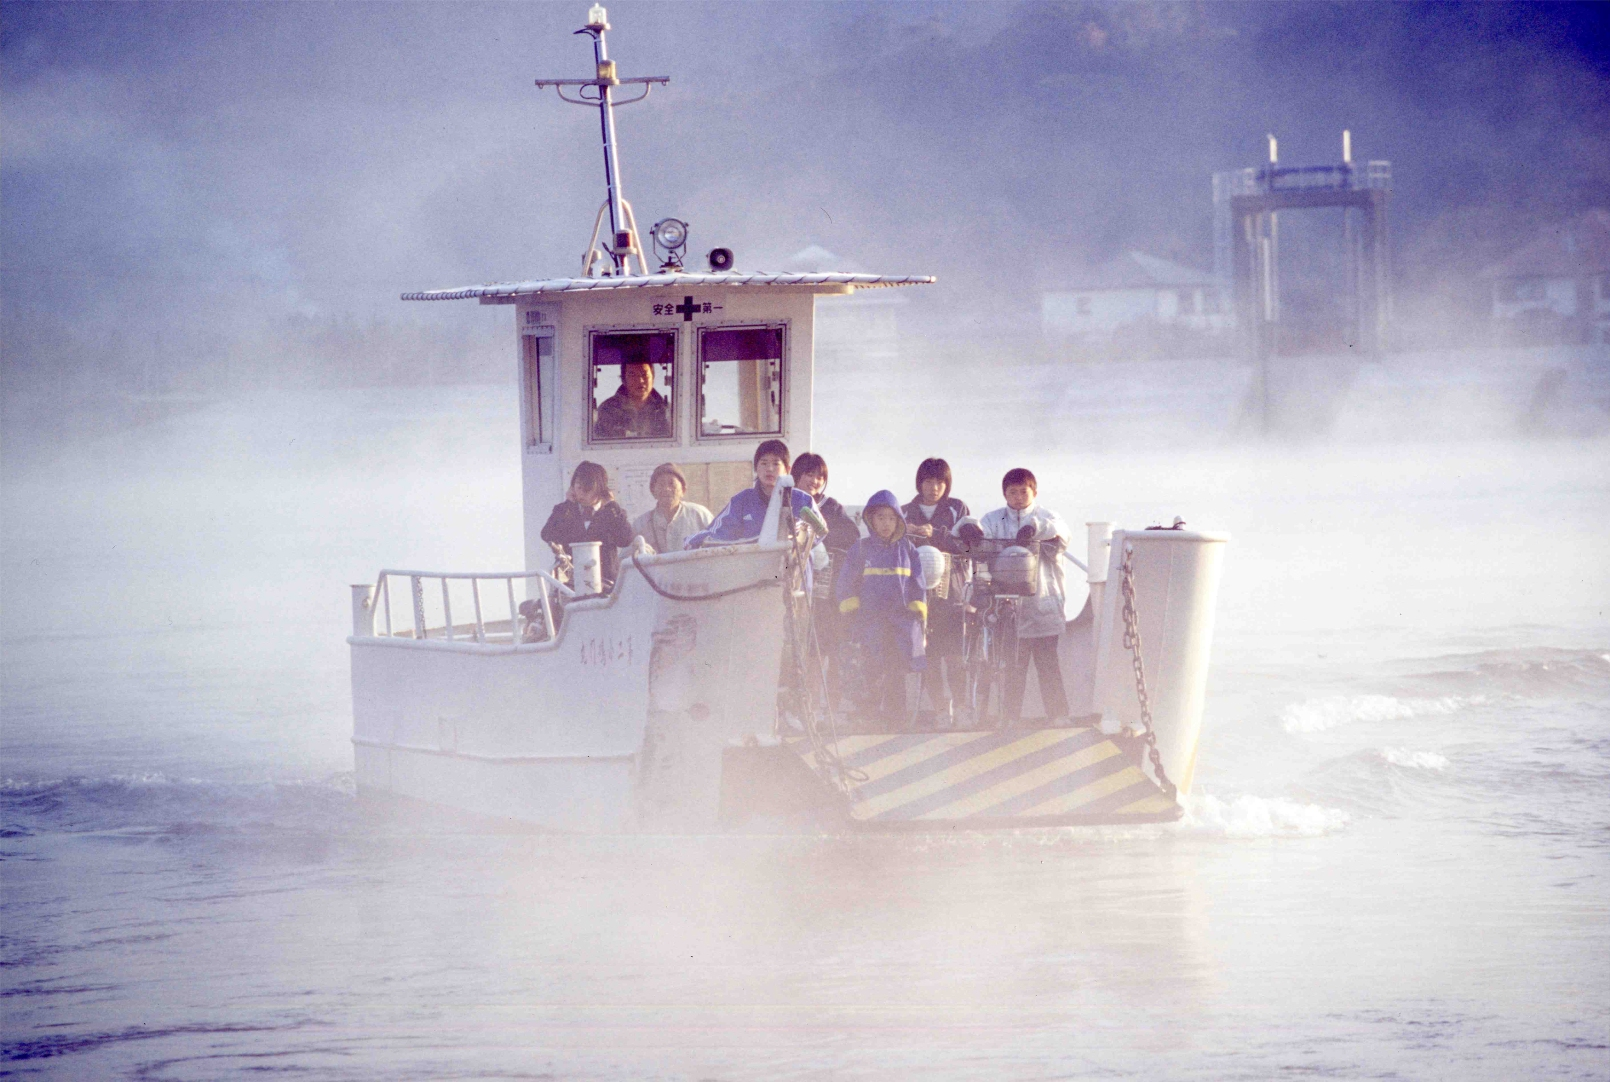 【鳴門まち歩き♪】鳴門の渡船(渡し舟)と撫養街道散策